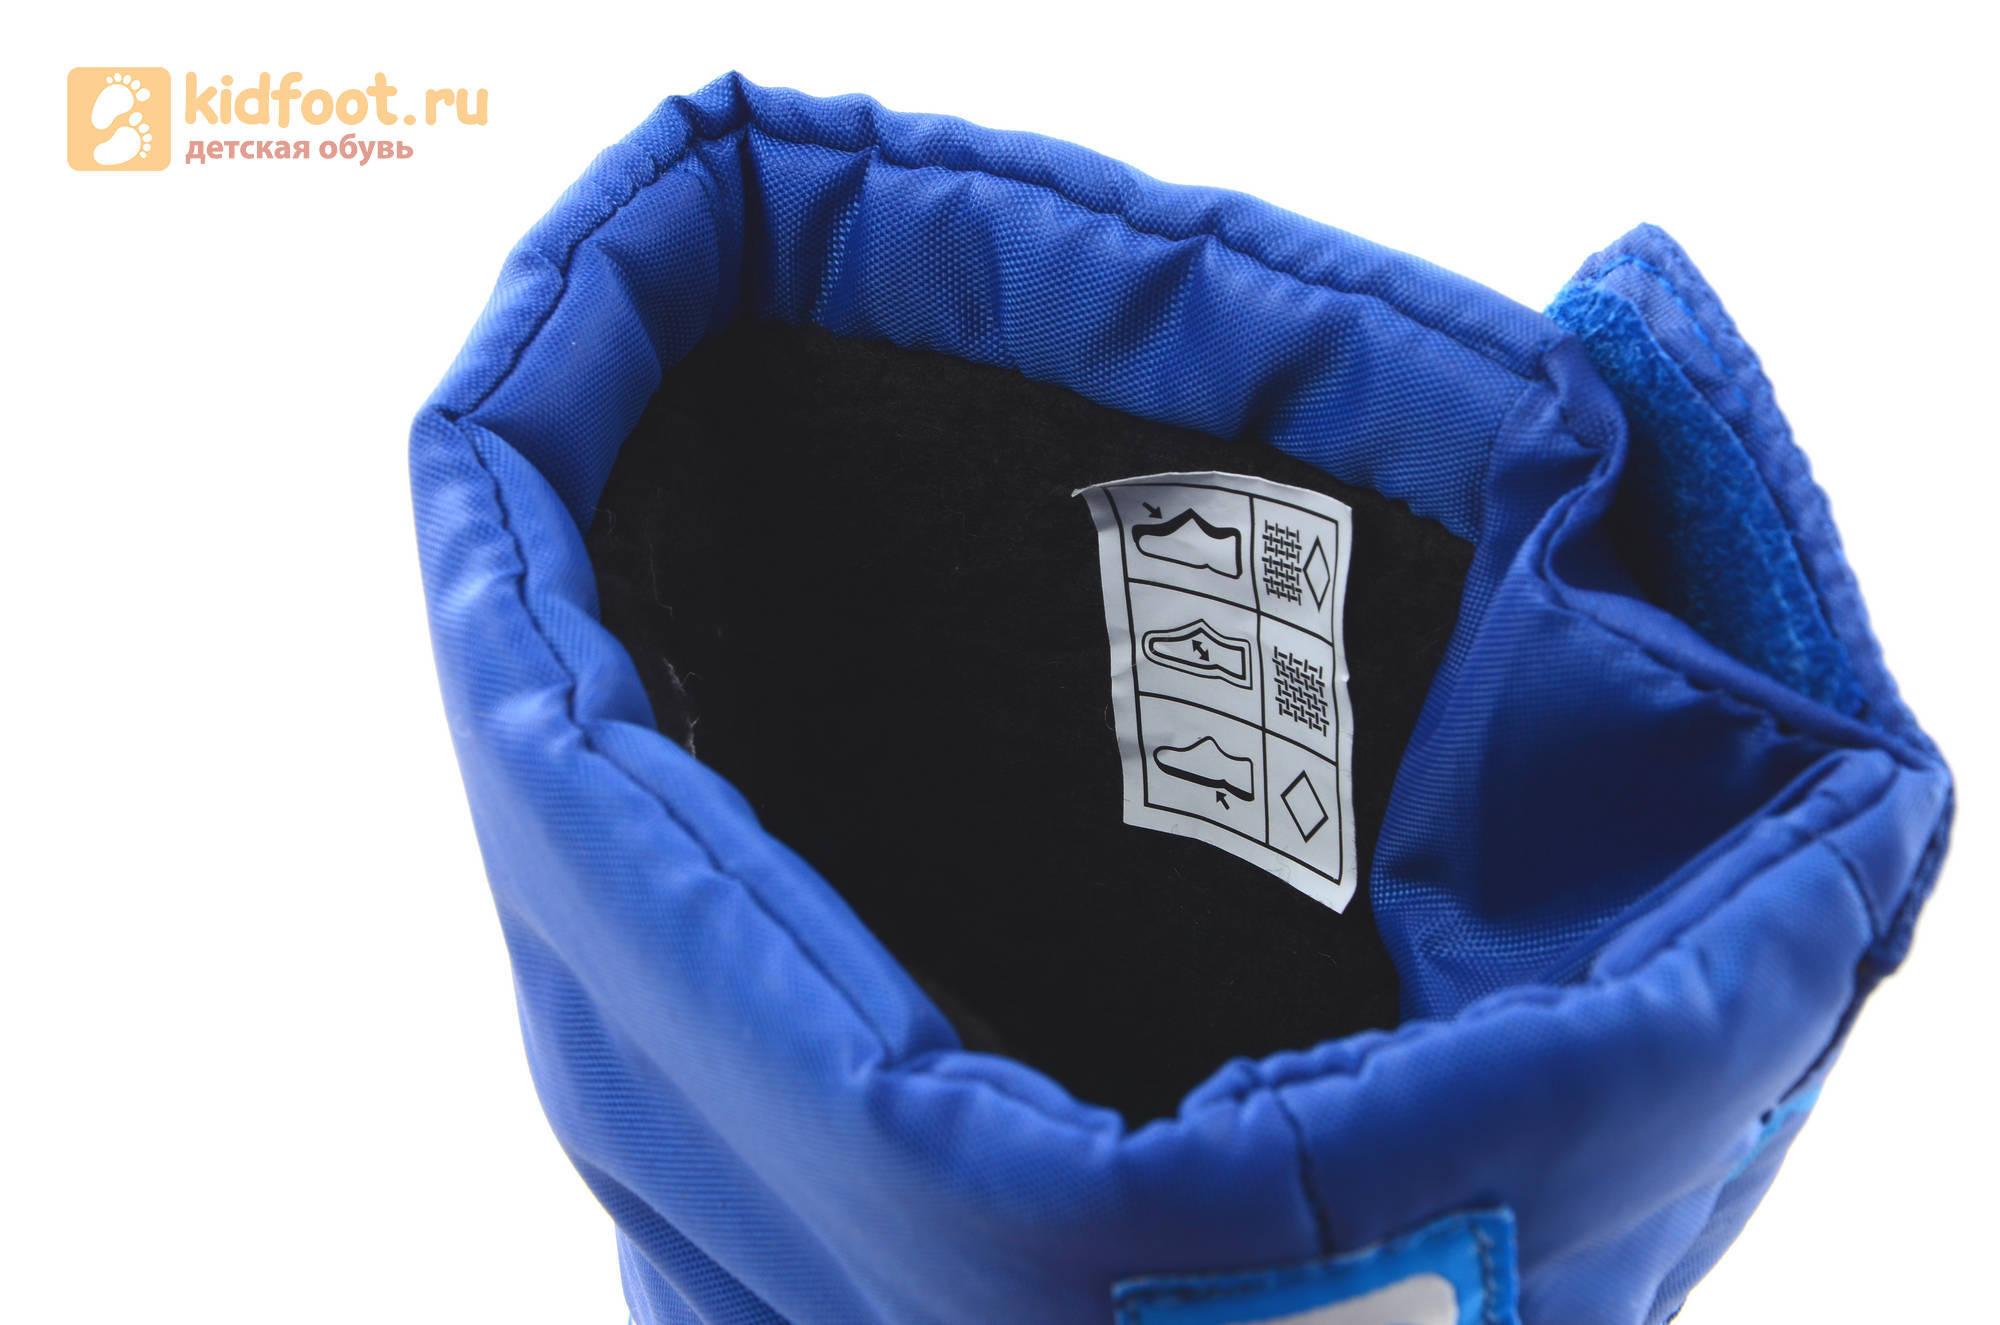 Зимние сапоги для мальчиков непромокаемые с резиновой галошей Фиксики, цвет синий, Water Resistant